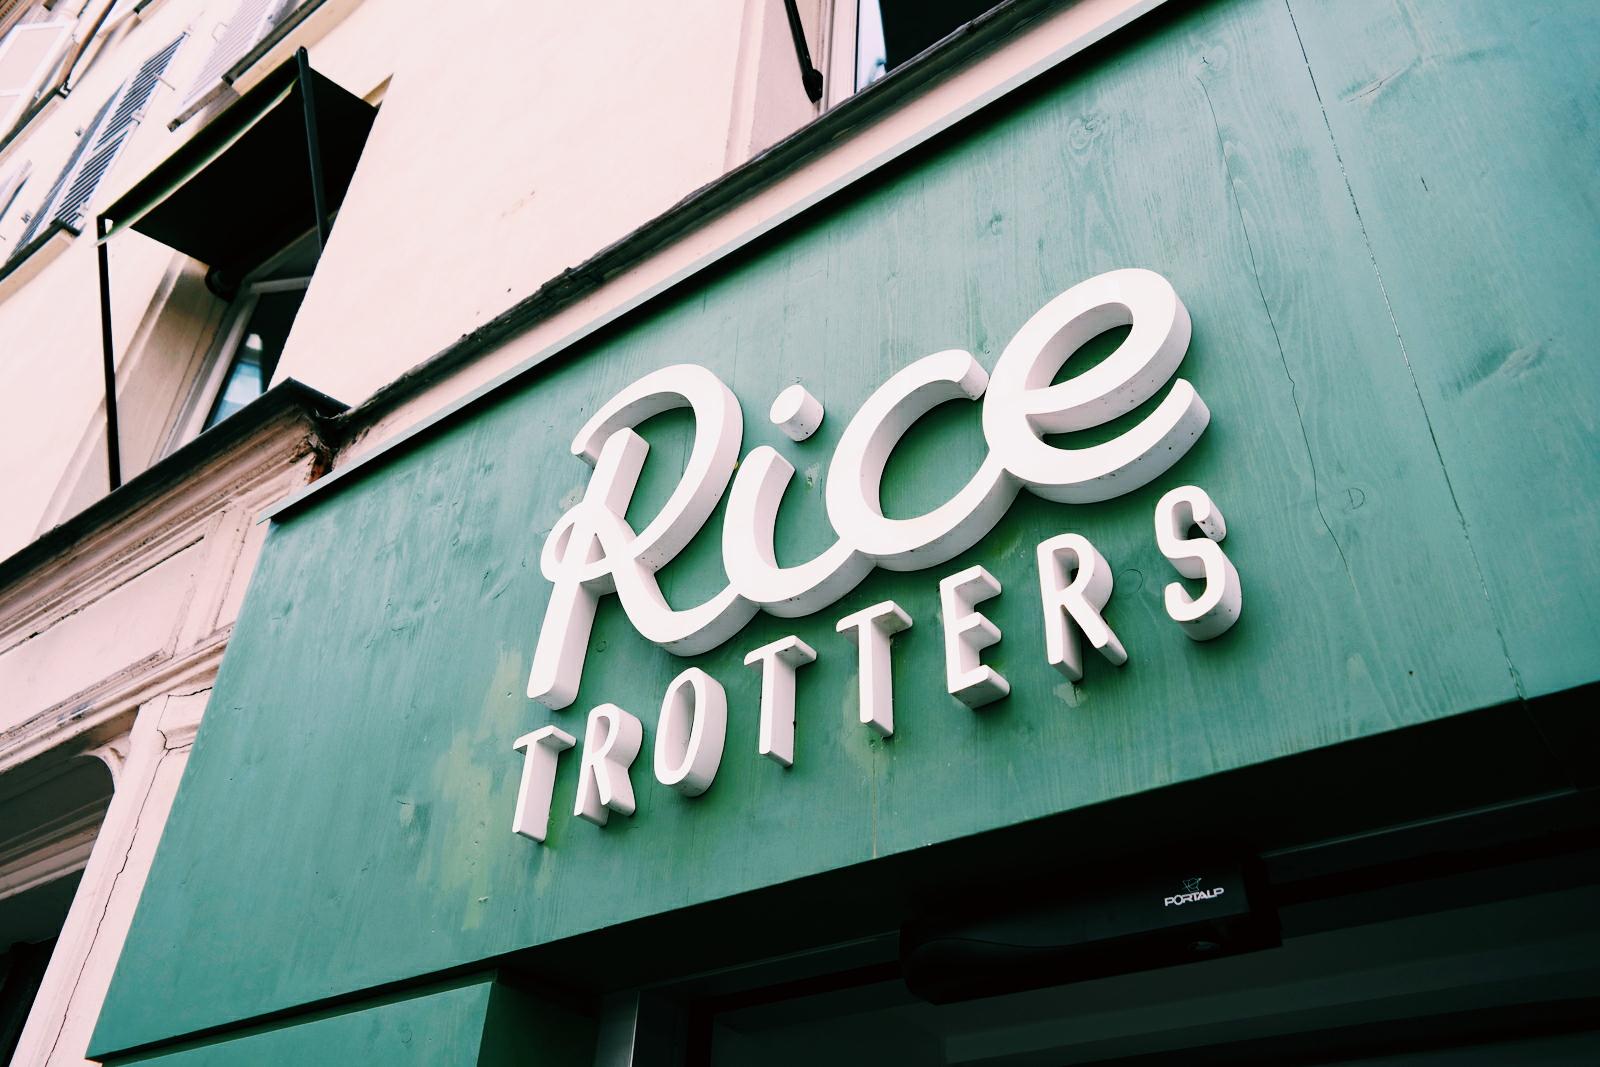 Façade-Rice-Trotters-restaurant-concept-spécialité-riz-plats-et-desserts-petit-déjeuner-goûter-adresse-22-rue-du-Colisée-8e-photo-by-united-states-of-paris-blog